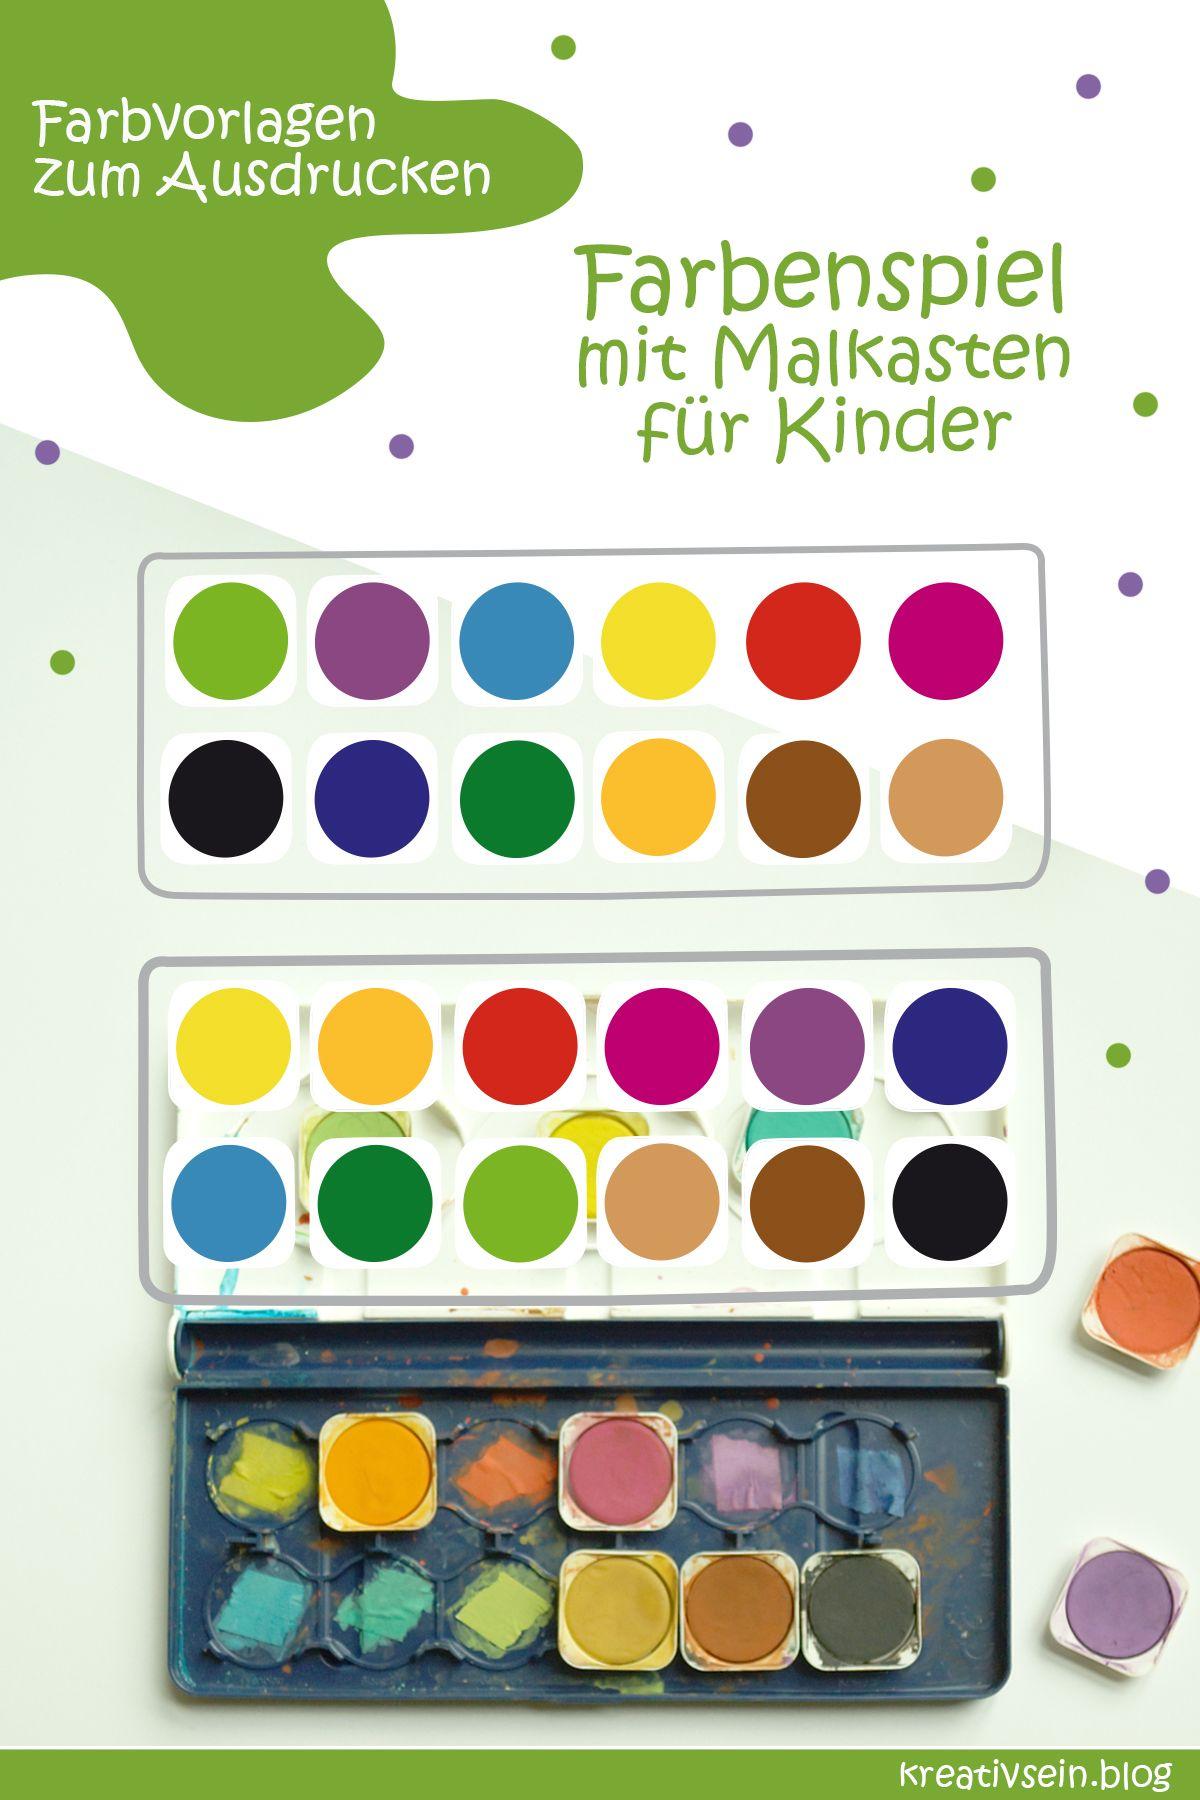 7 Tolle Spiele Zum Farben Lernen Kreativsein Blog Farben Lernen Projekt Farben Kindergarten Tolle Spiele